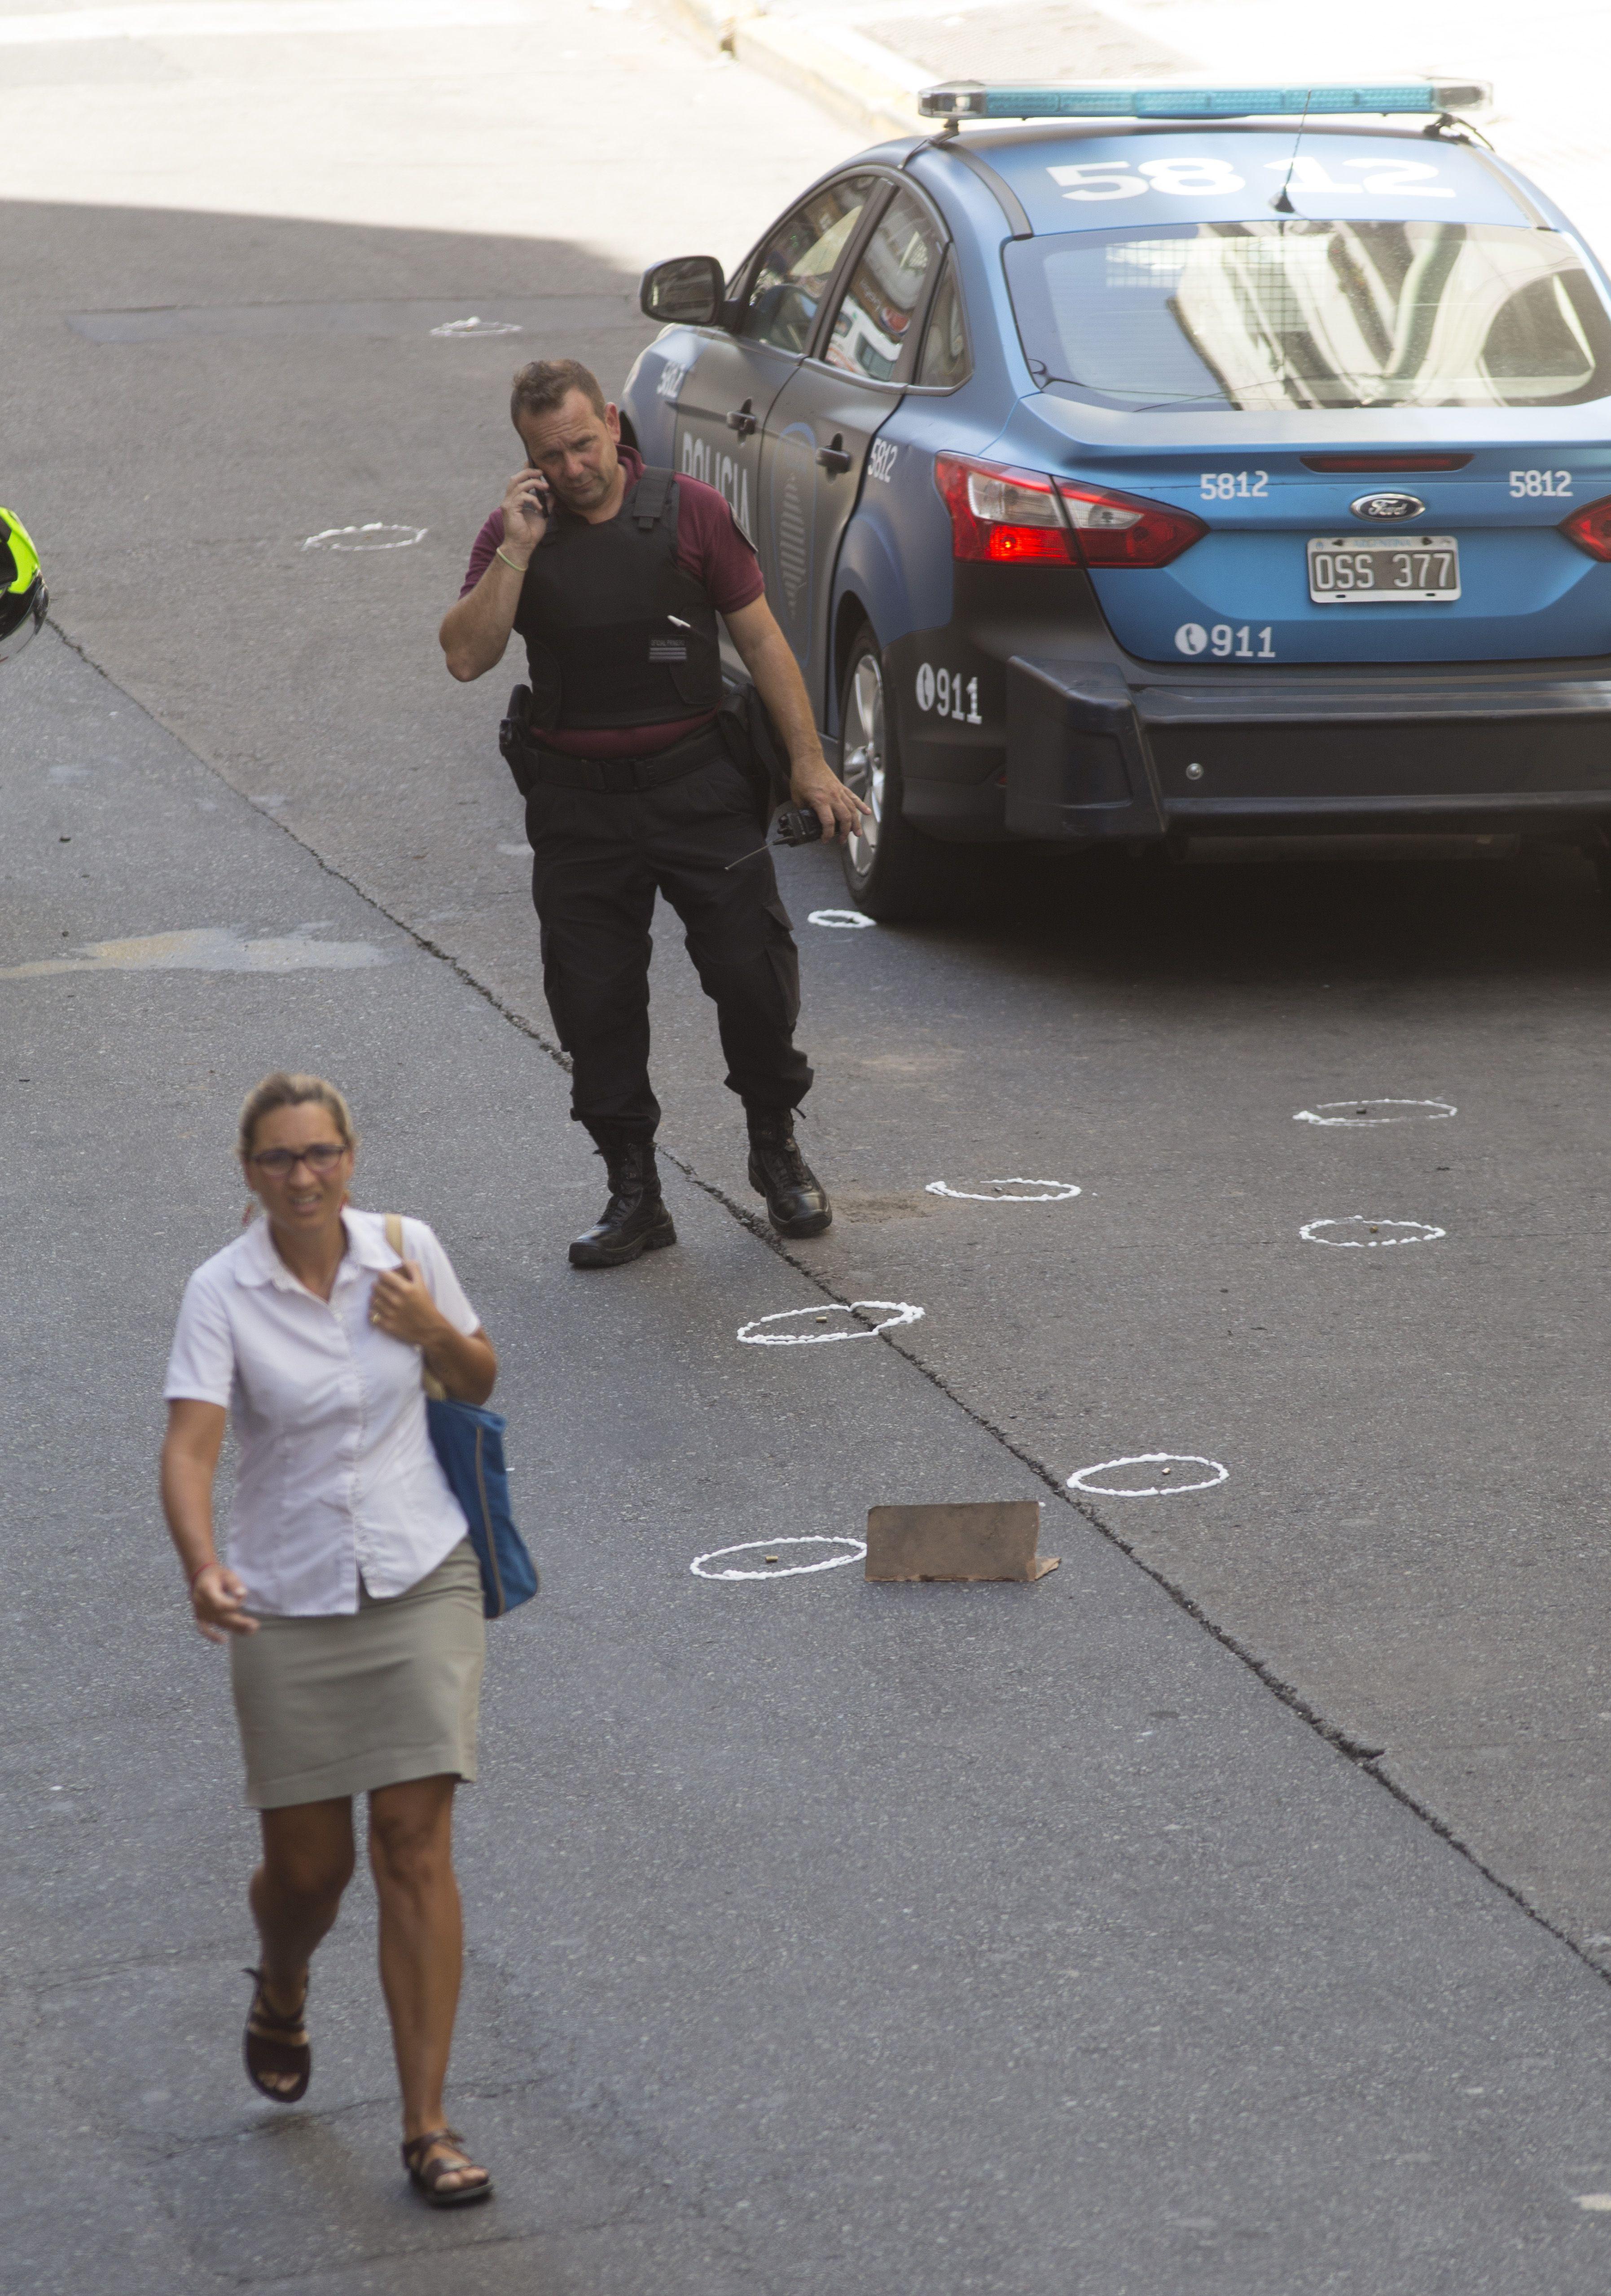 Las marcas de las casi 40 balas tras el tiroteo en el Microcentro